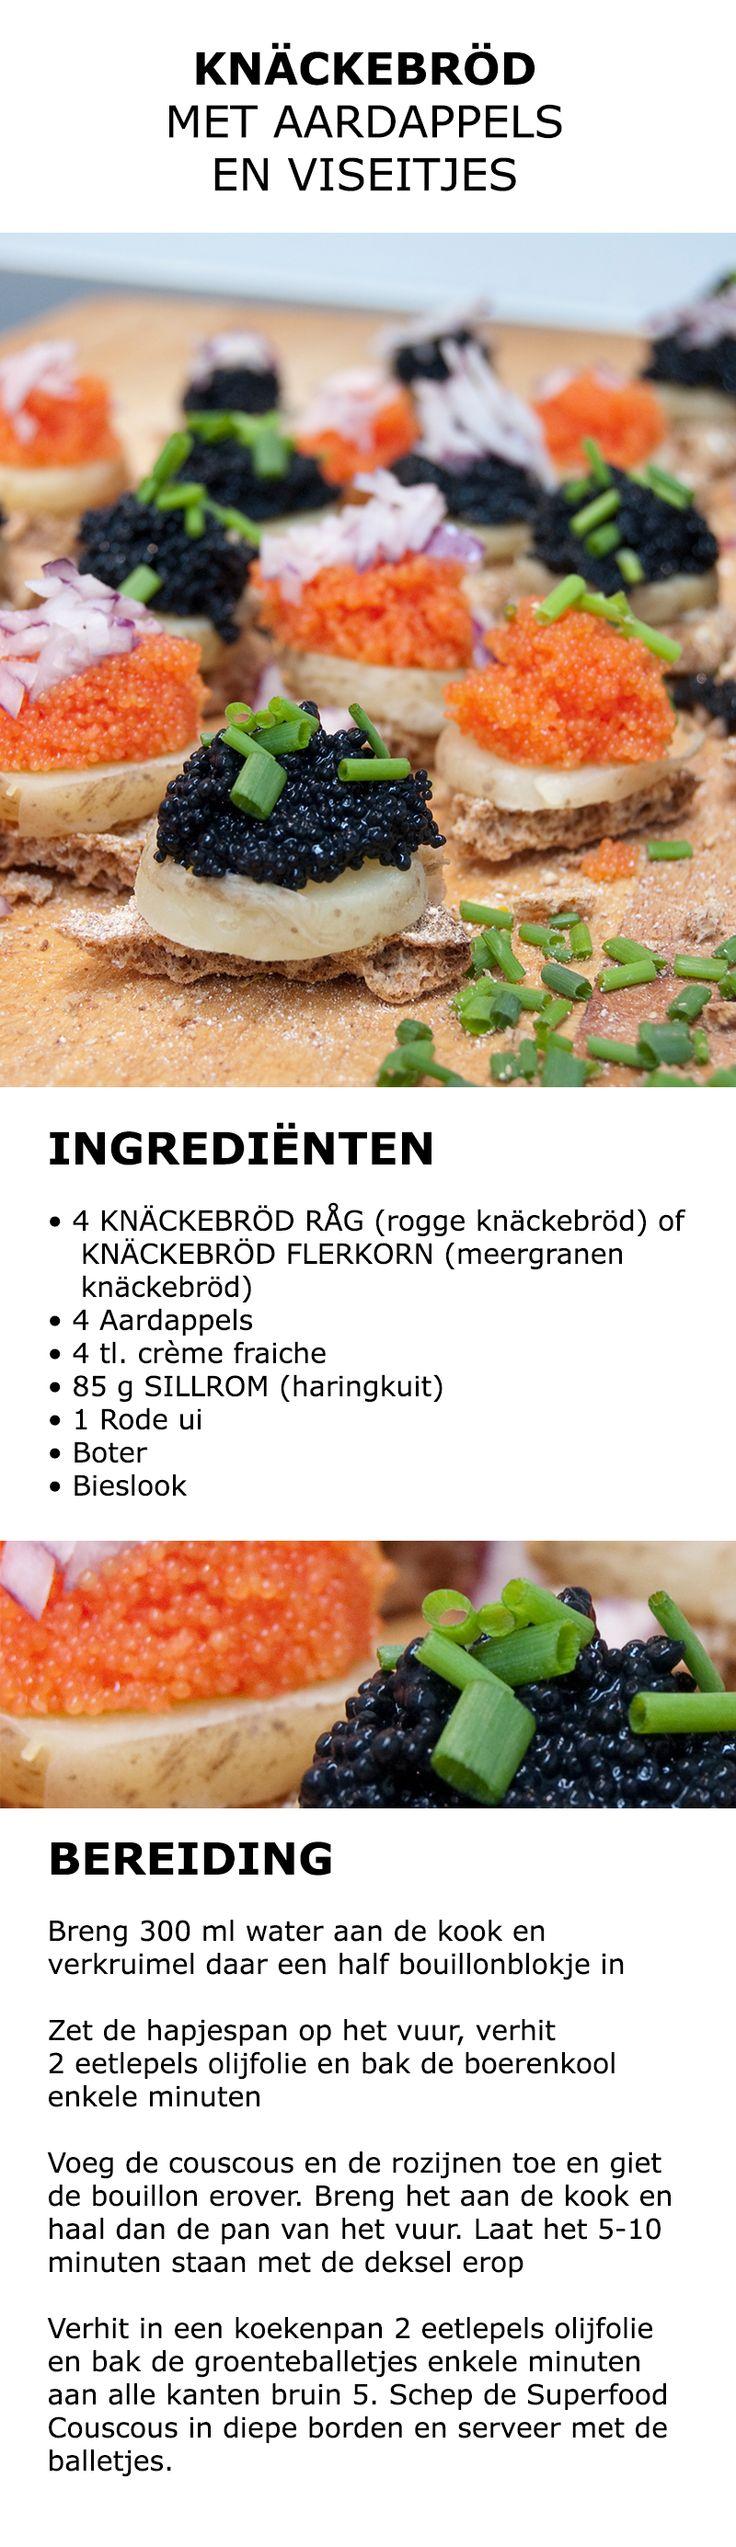 Inspiratie voor in de keuken - Knäckebröd met aardappels en viseitjes | #IKEA #IKEAnl #koken #gerecht #recept #vis